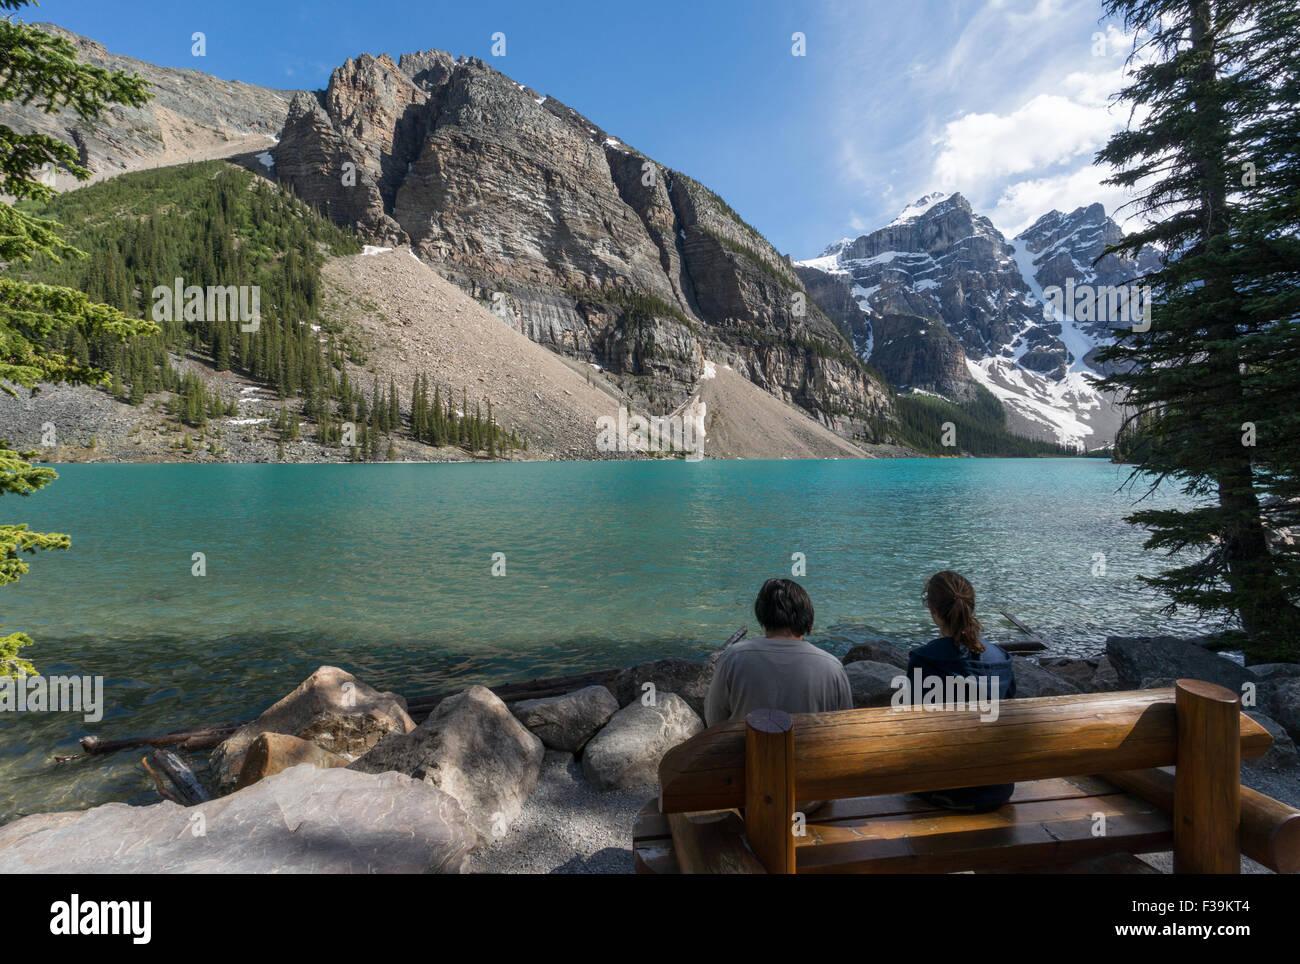 Dos personas sentadas por el Lago Moraine, el Parque Nacional Banff, Canadian Rockies, Alberta, Canadá Imagen De Stock